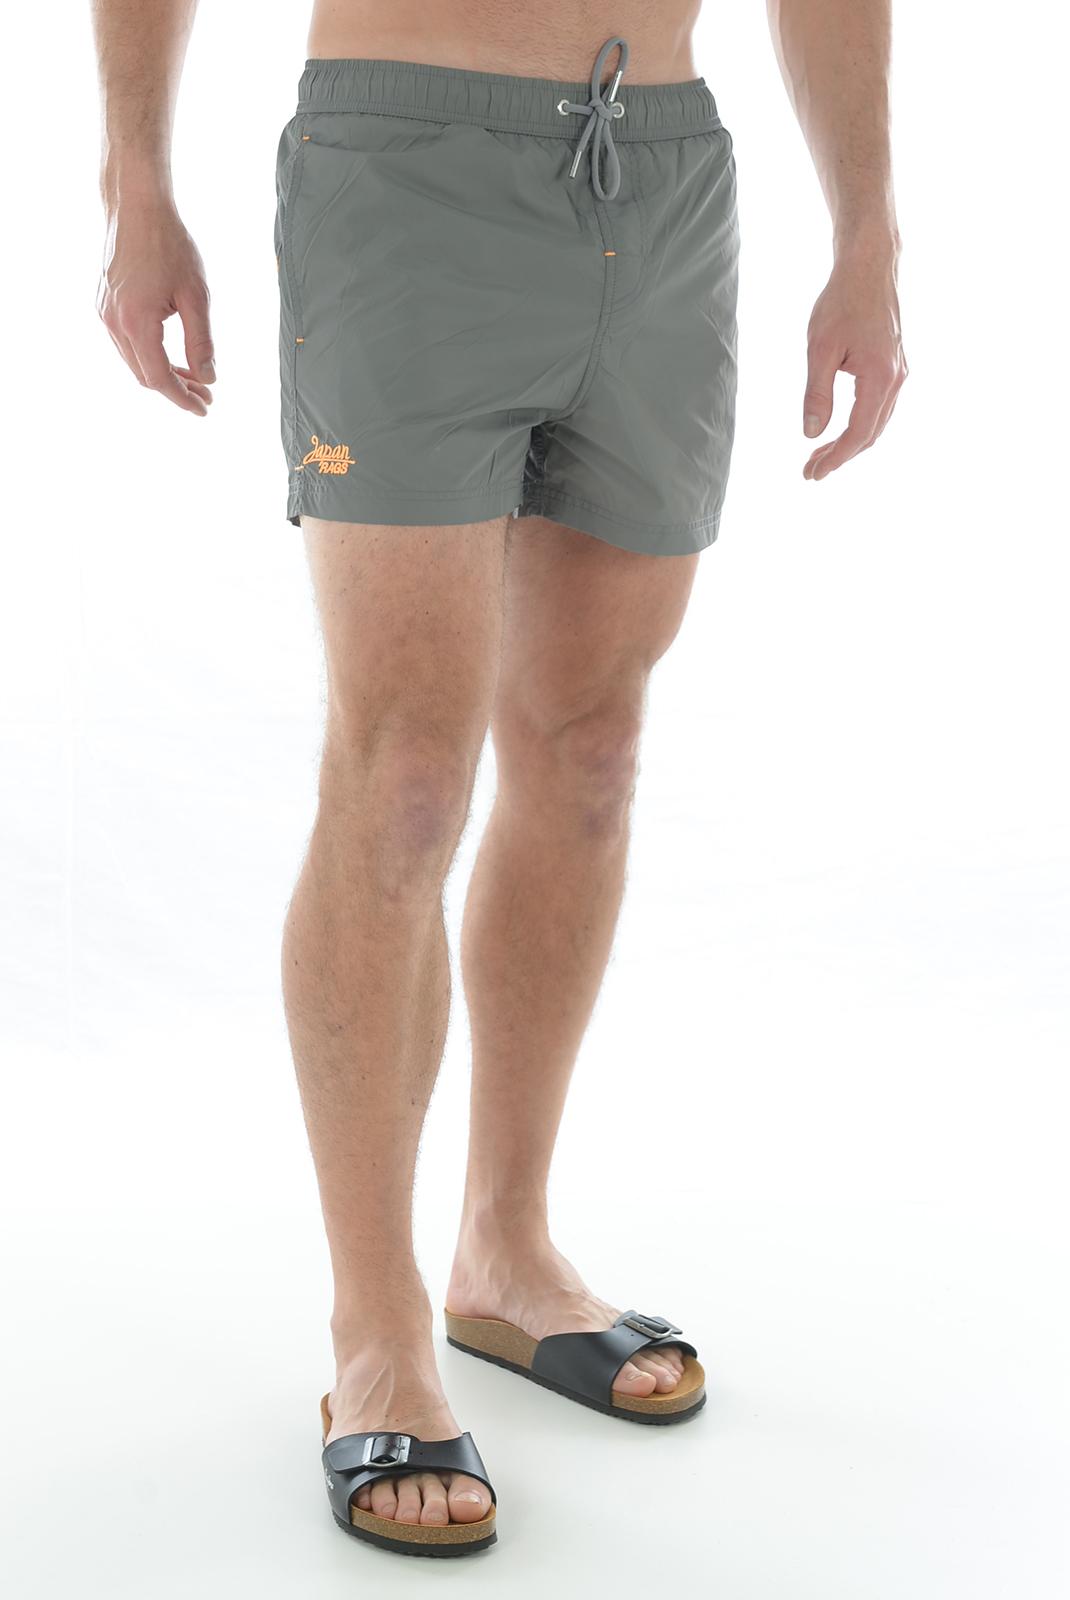 Image du produit Maillots / Sous-vêtements Japan Rags Homme Xl